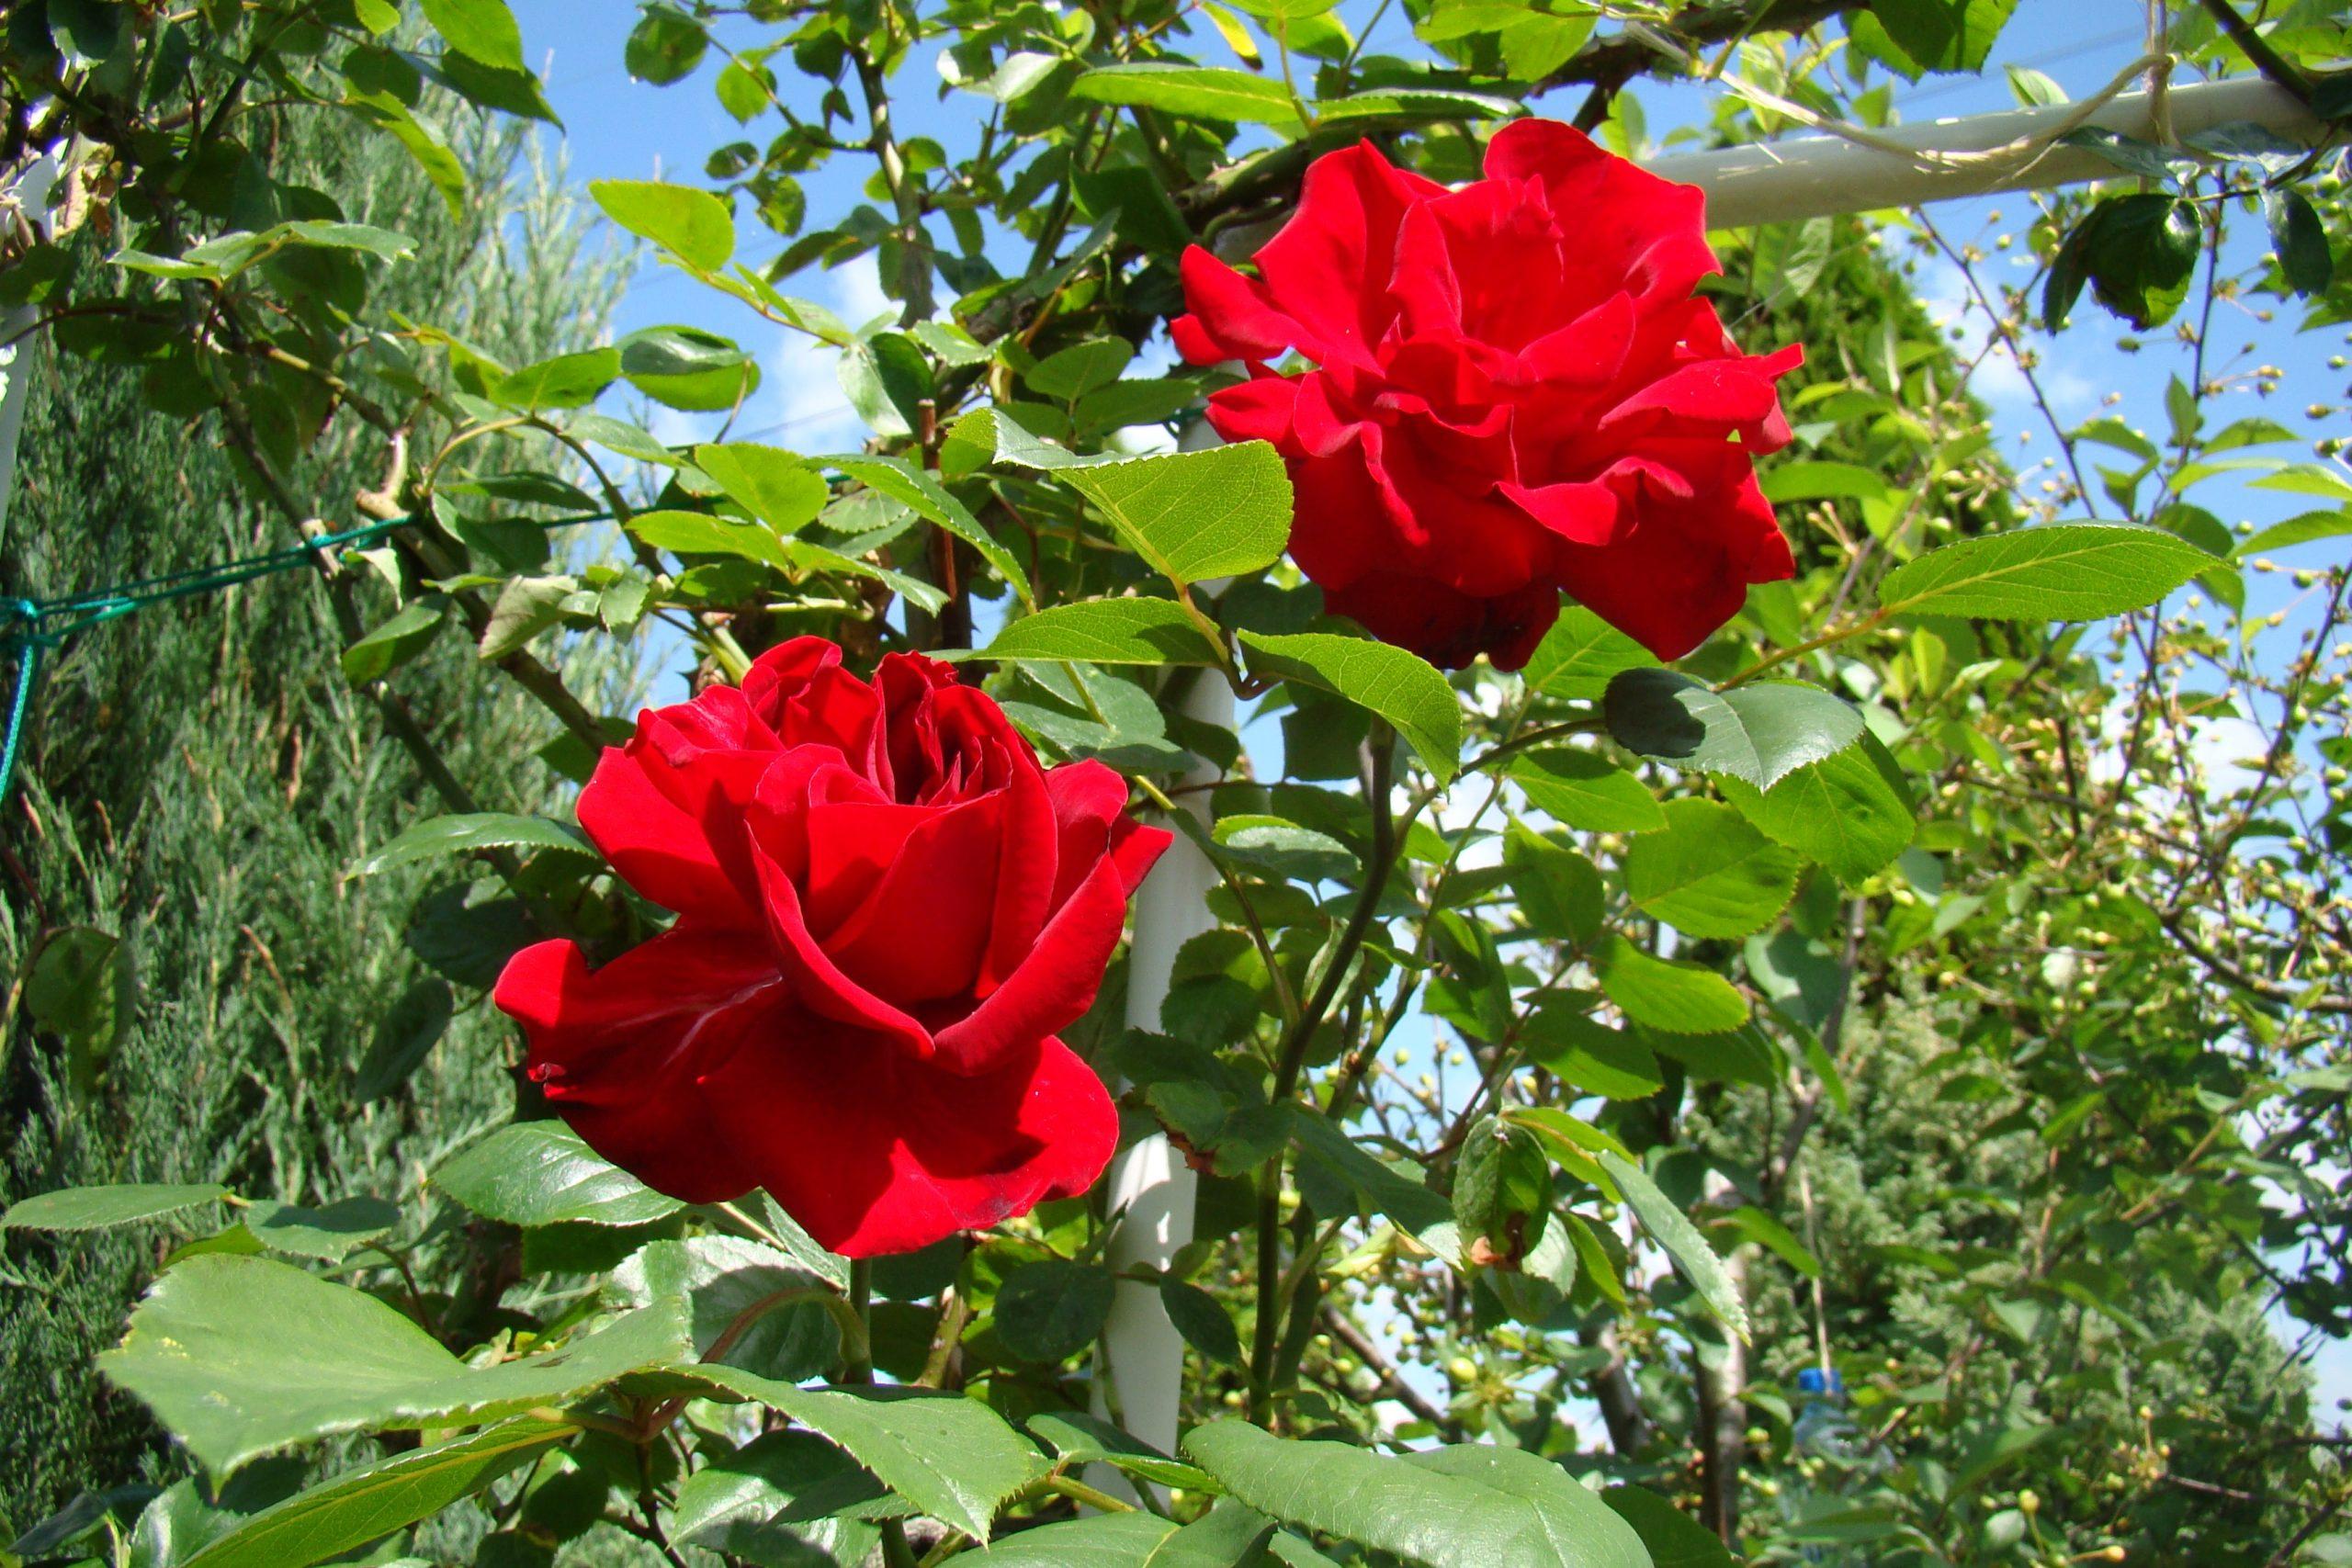 El rosal es un arbusto que produce muchas flores todo el año